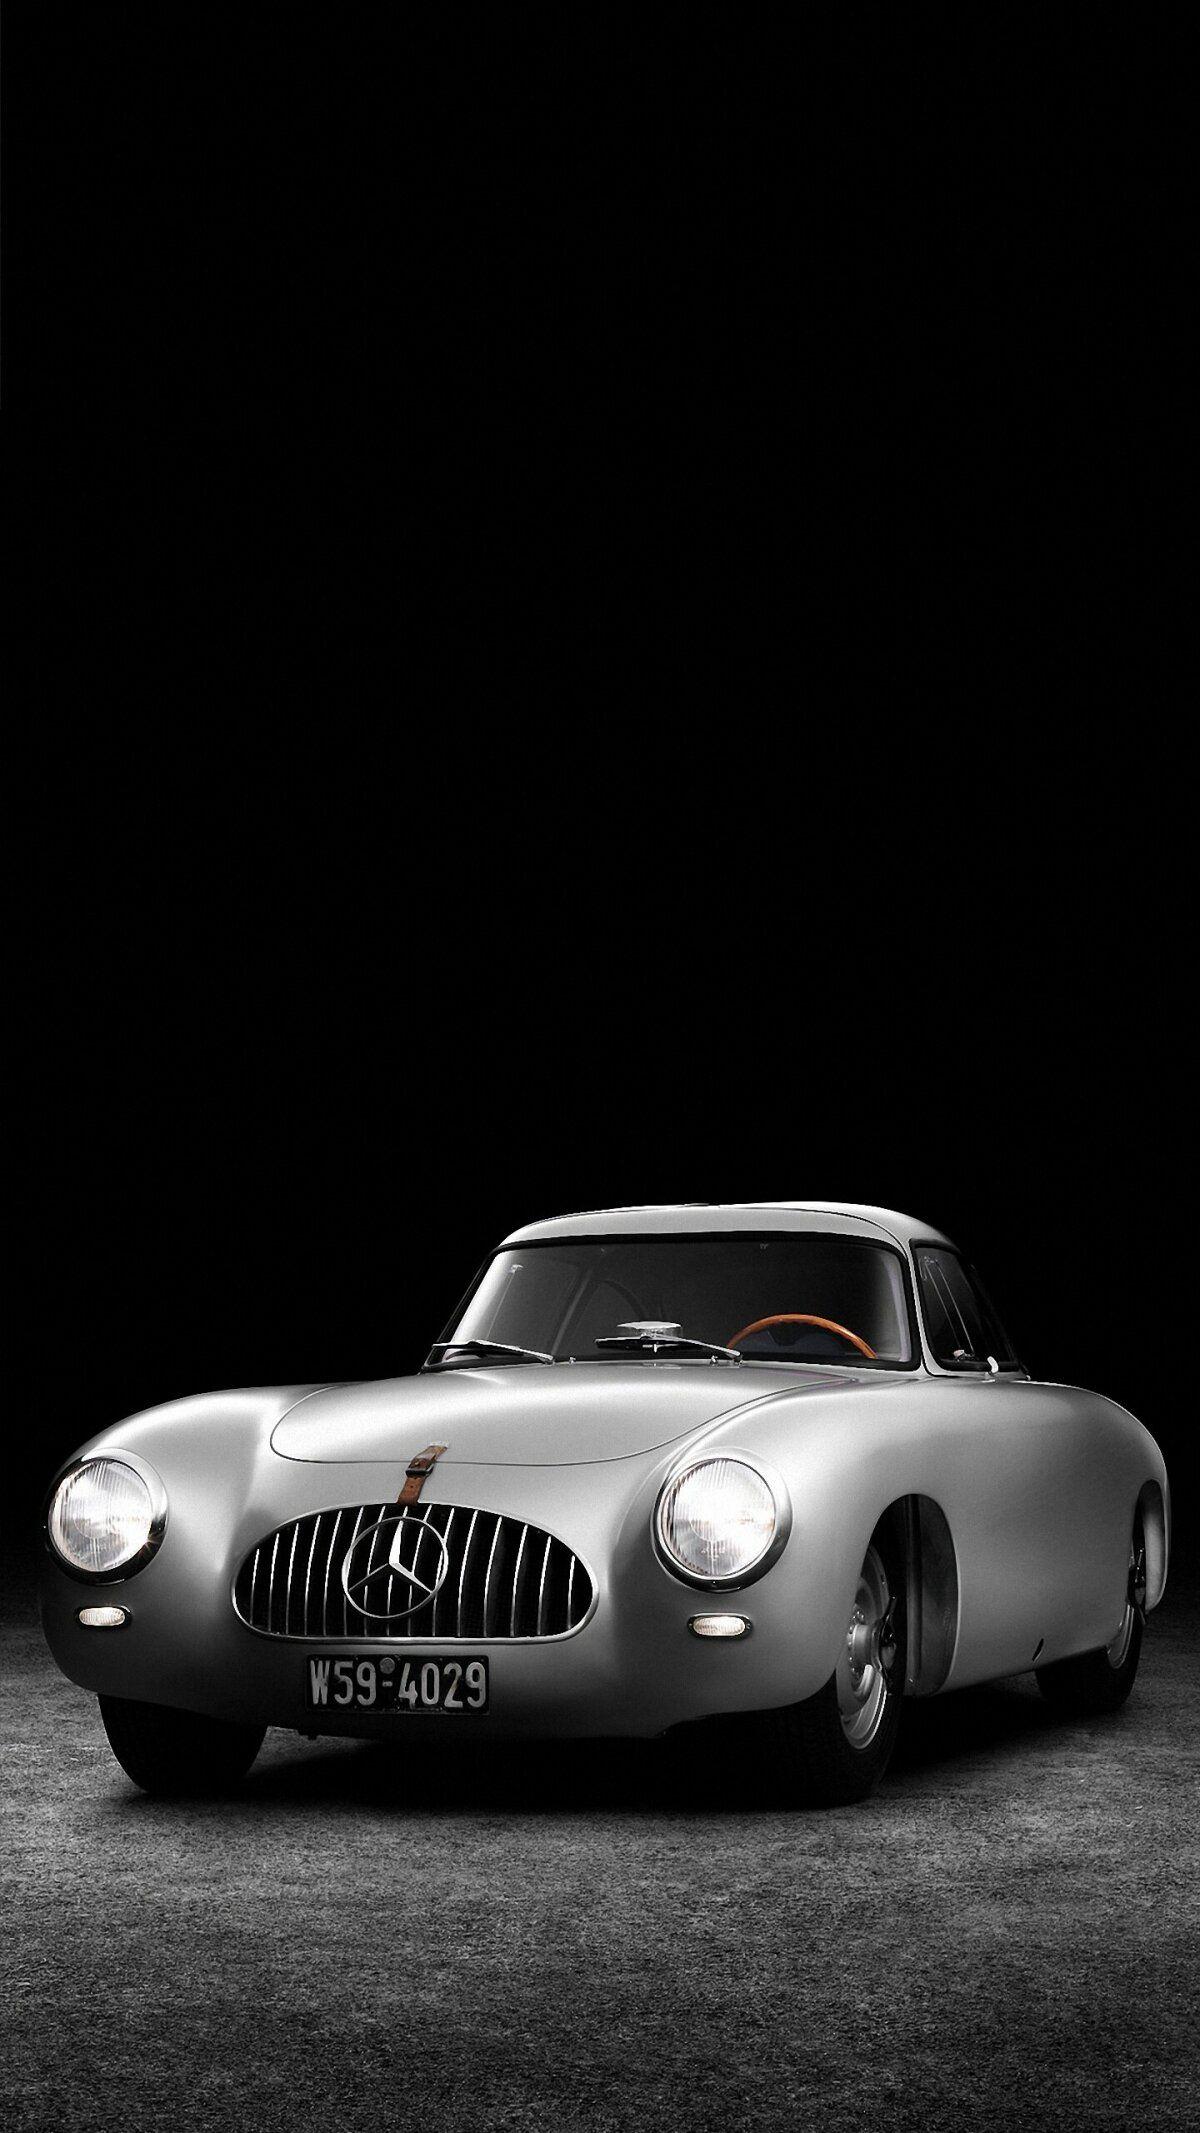 صور سيارة مرسيدس Mercedes سيارات 120 in 2020 Sports